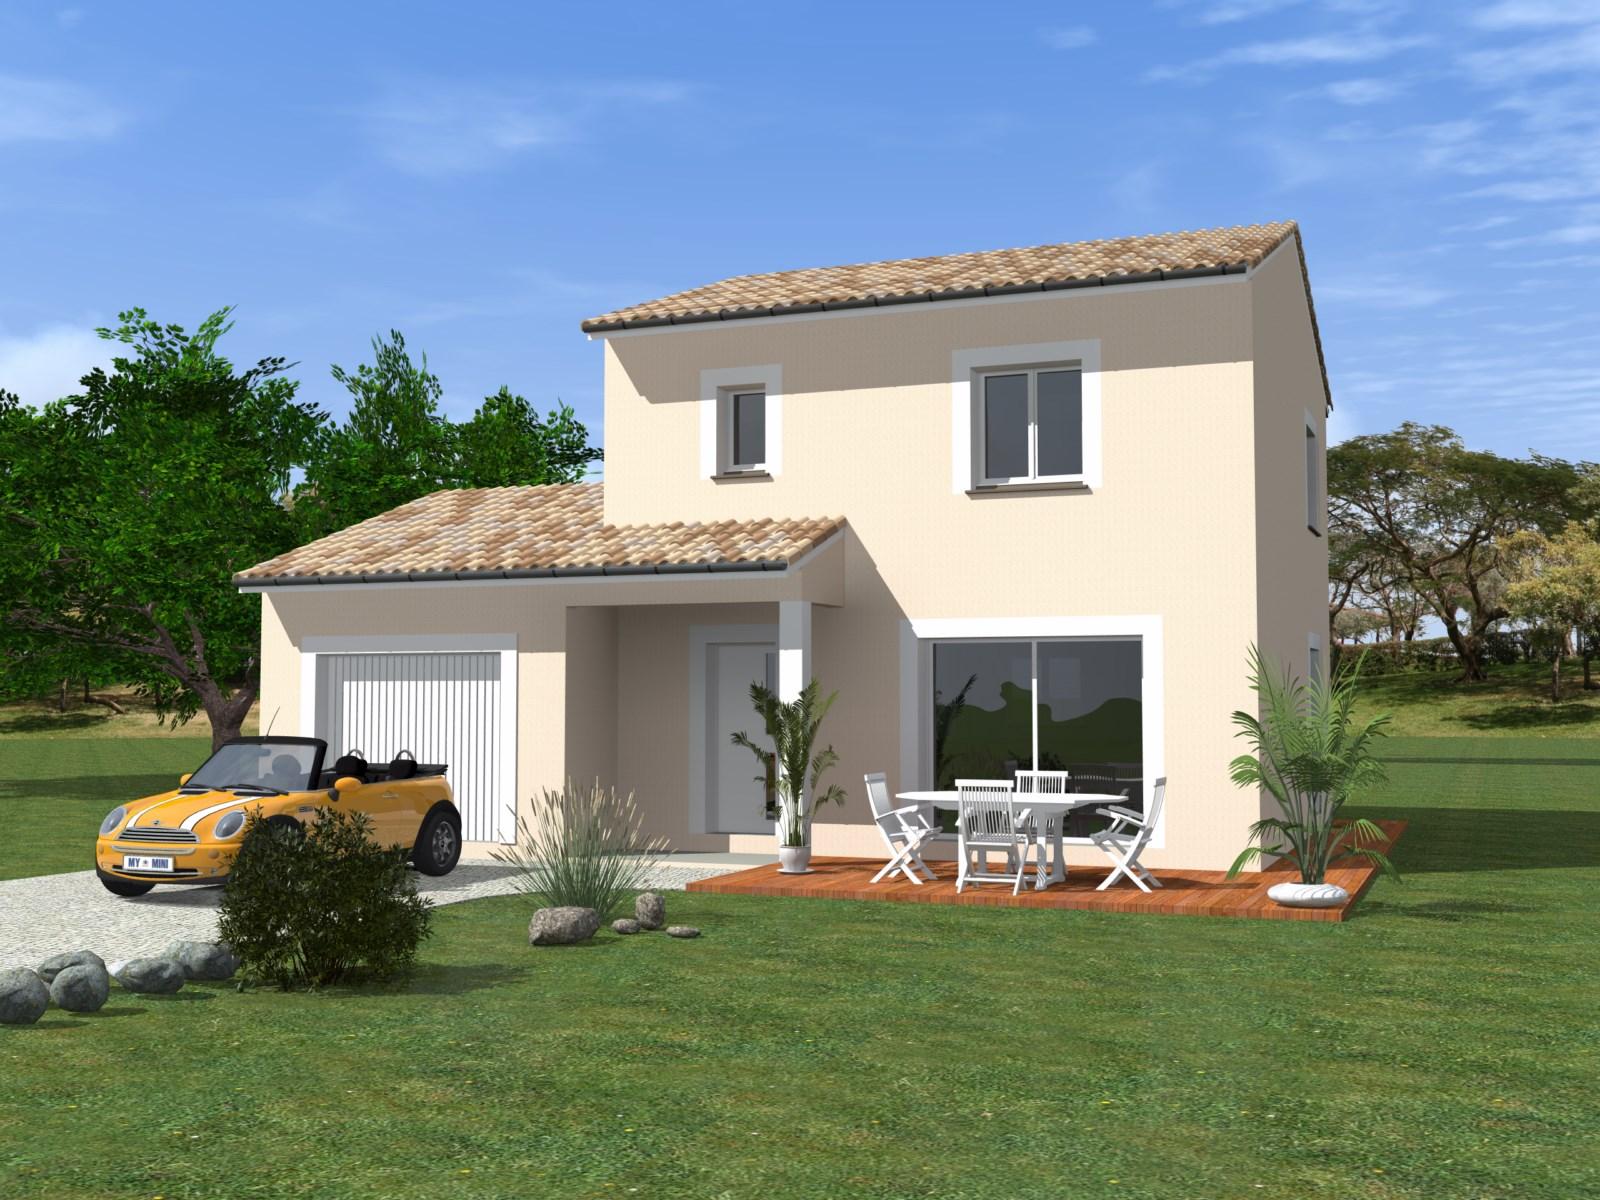 Maisons + Terrains du constructeur TRADIBATI CONSTRUCTIONS • 90 m² • CHATUZANGE LE GOUBET